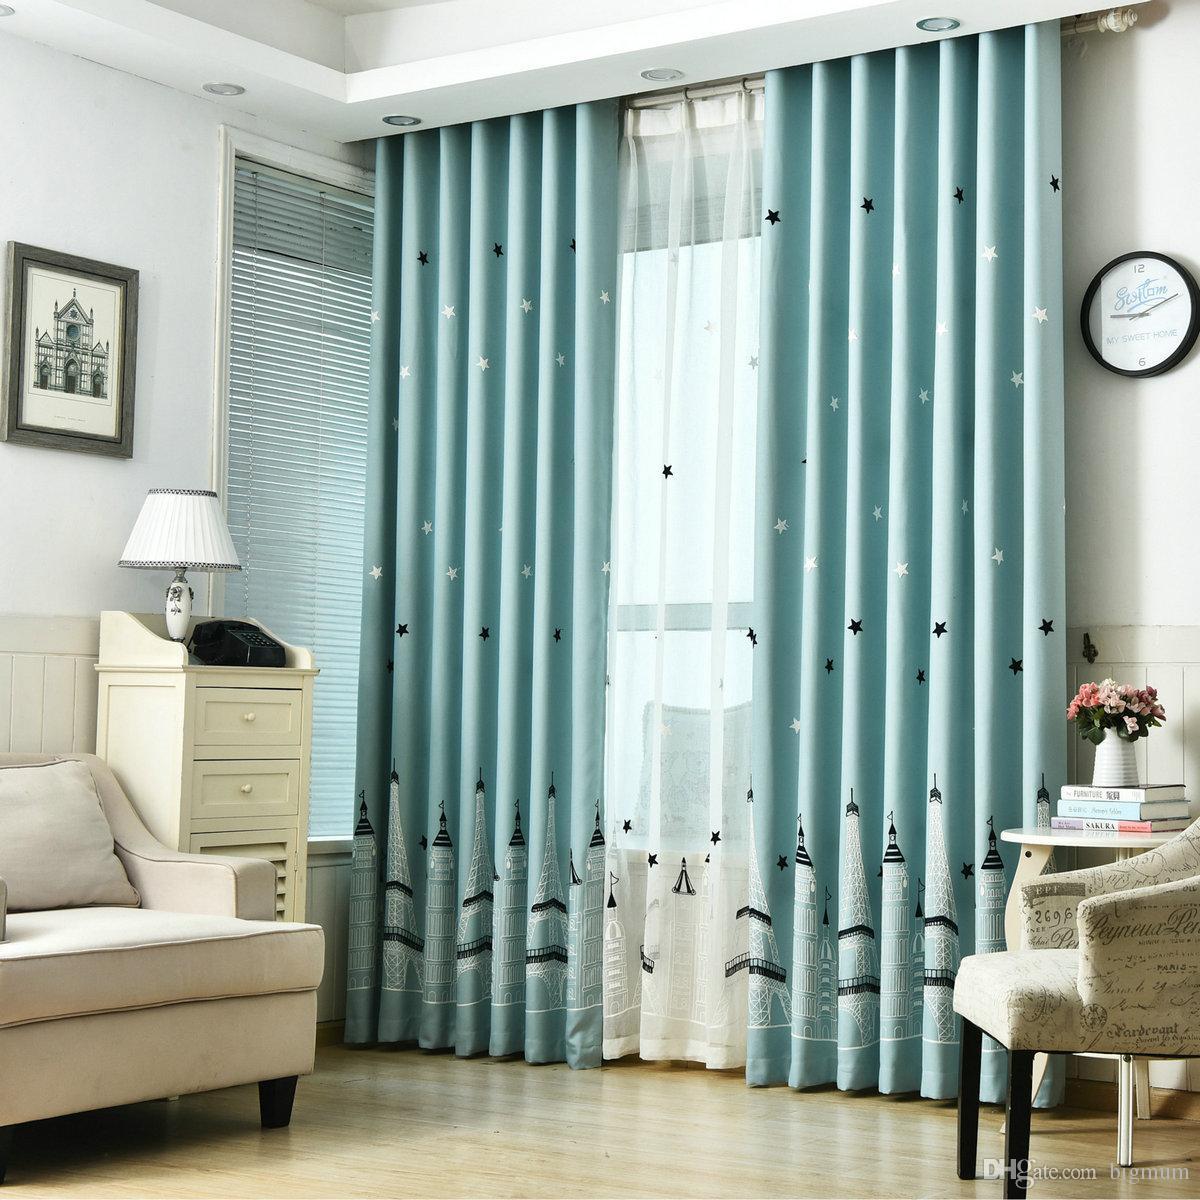 Full Size of Fenster Vorhnge Fr Wohnzimmer Schlafzimmer Teppich Set Günstig Landhausstil Weiß Gardinen Romantische Lampe Kronleuchter Lampen Led Vorhänge Schlafzimmer Vorhänge Schlafzimmer